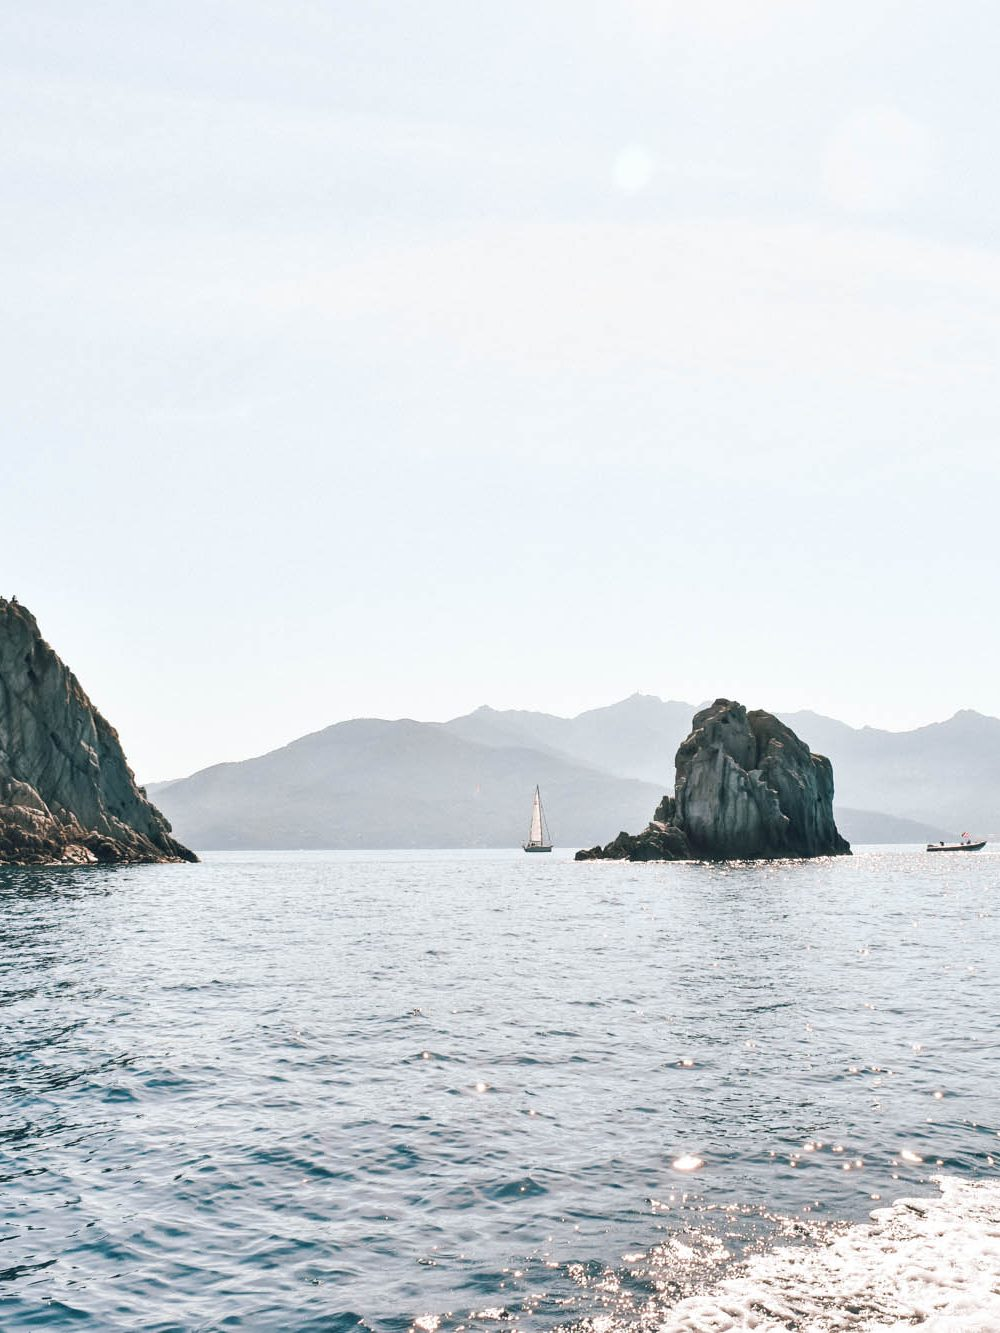 Alugar um barco por conta própria na Ilha de Elba na Itália